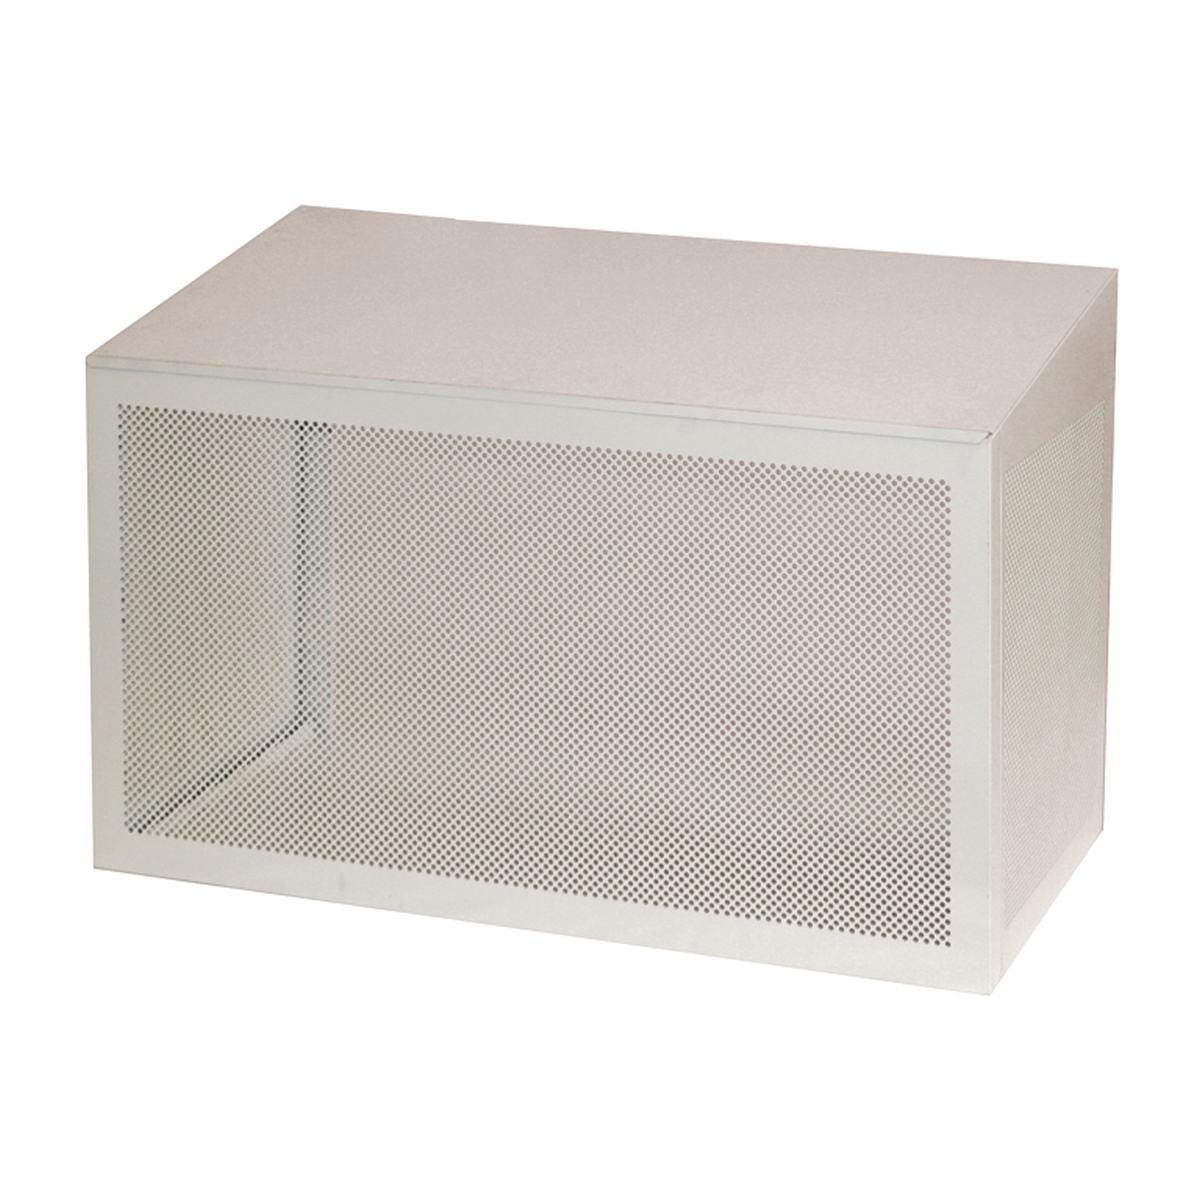 Skyddshus i vit aluminium till värmepump utedel